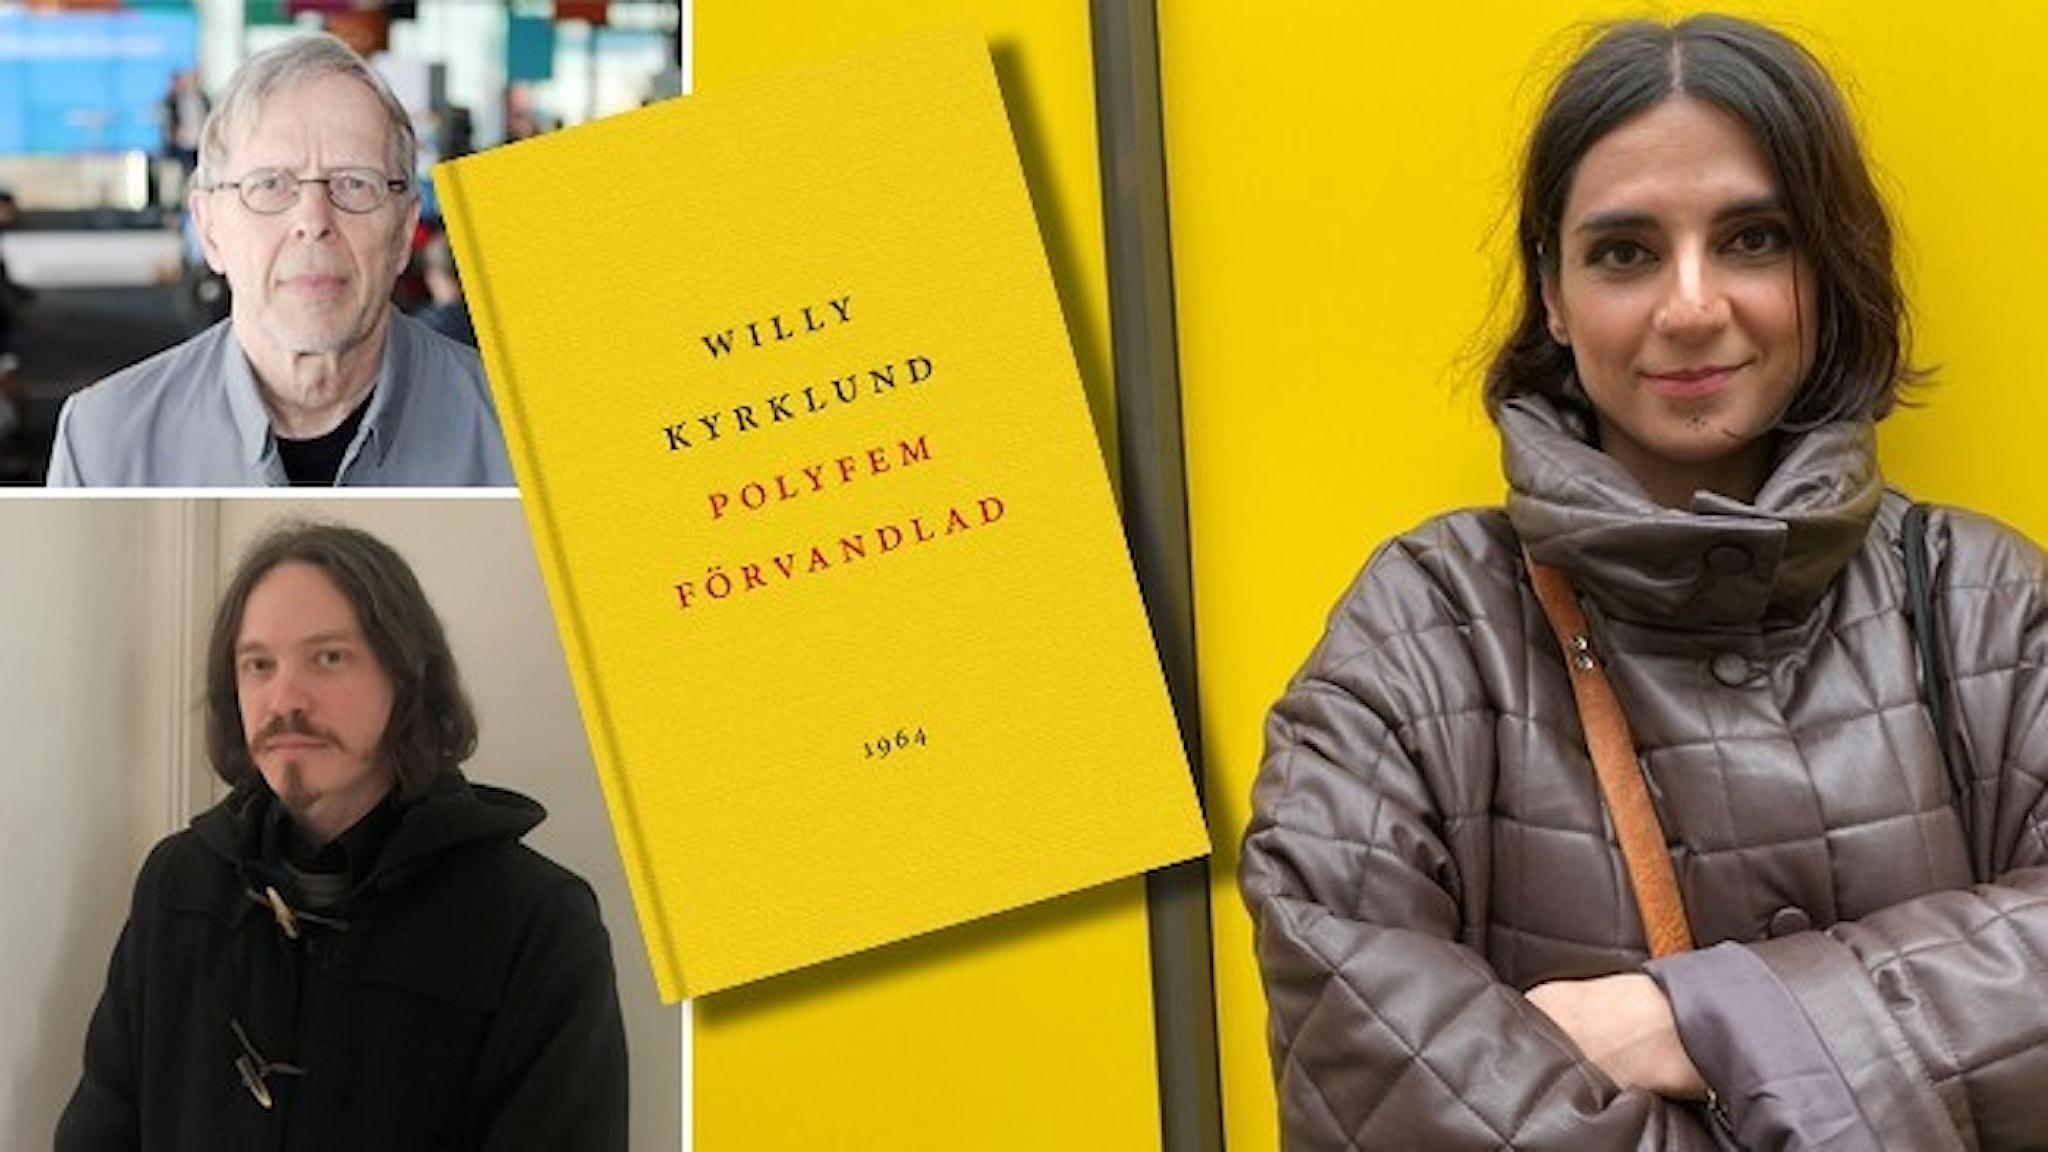 """Porträtt av Göran Sommardal, Thomas Sjösvärd och Balsam Karam. Infällt i bilden är omslaget till Willy Kyrklunds bok """"Polyfem förvandlad""""."""